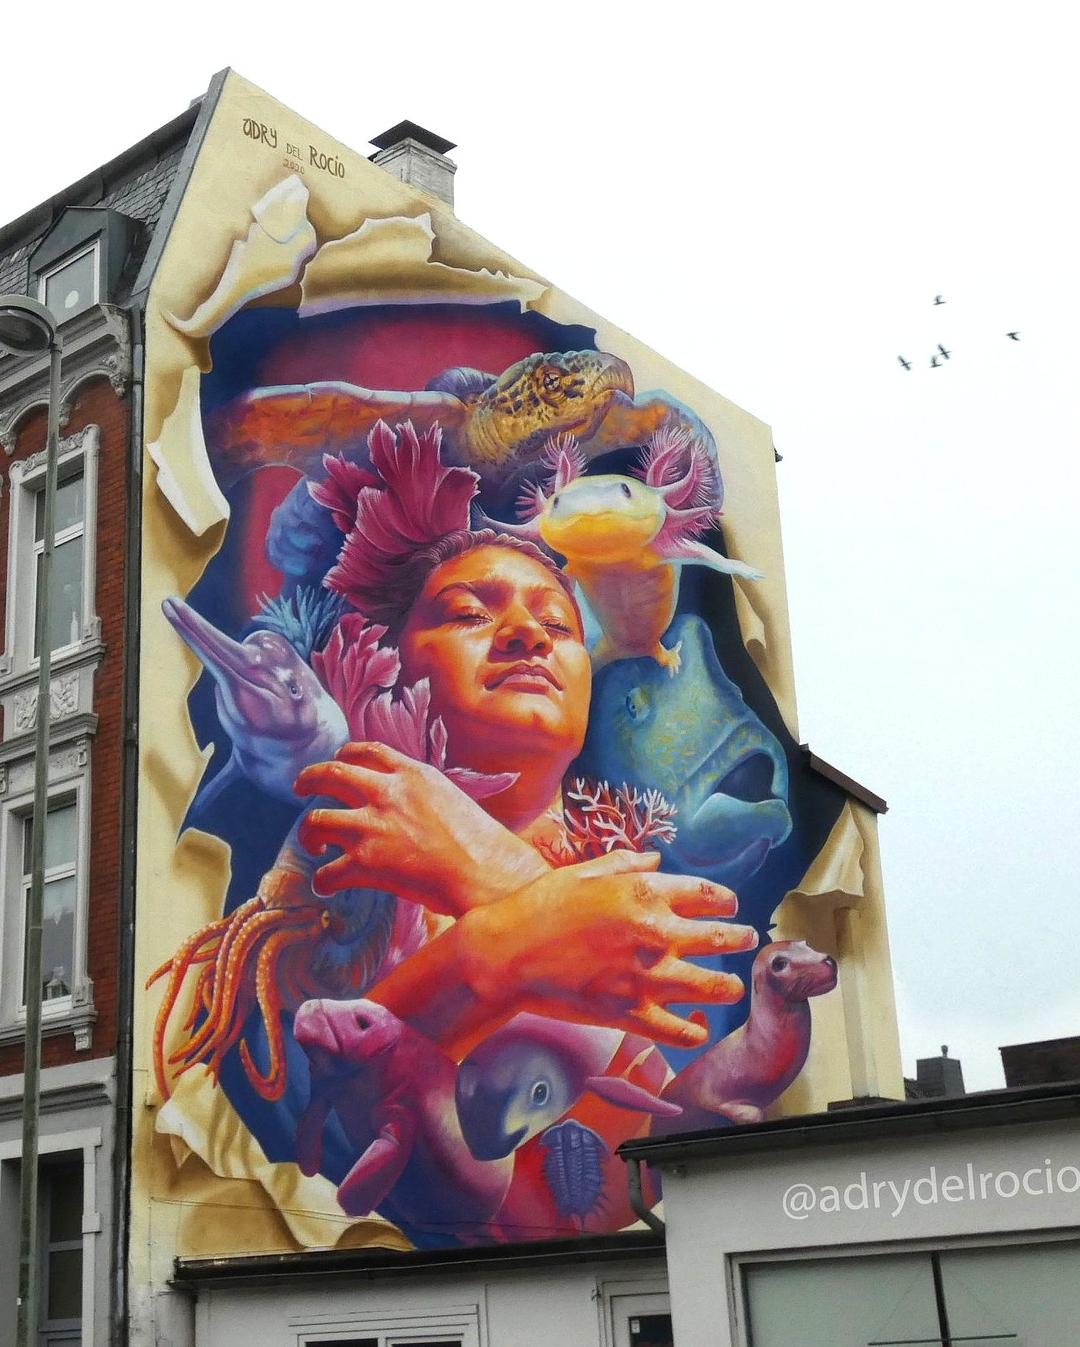 Adry del Rocio @ Wilhelmshaven, Germany